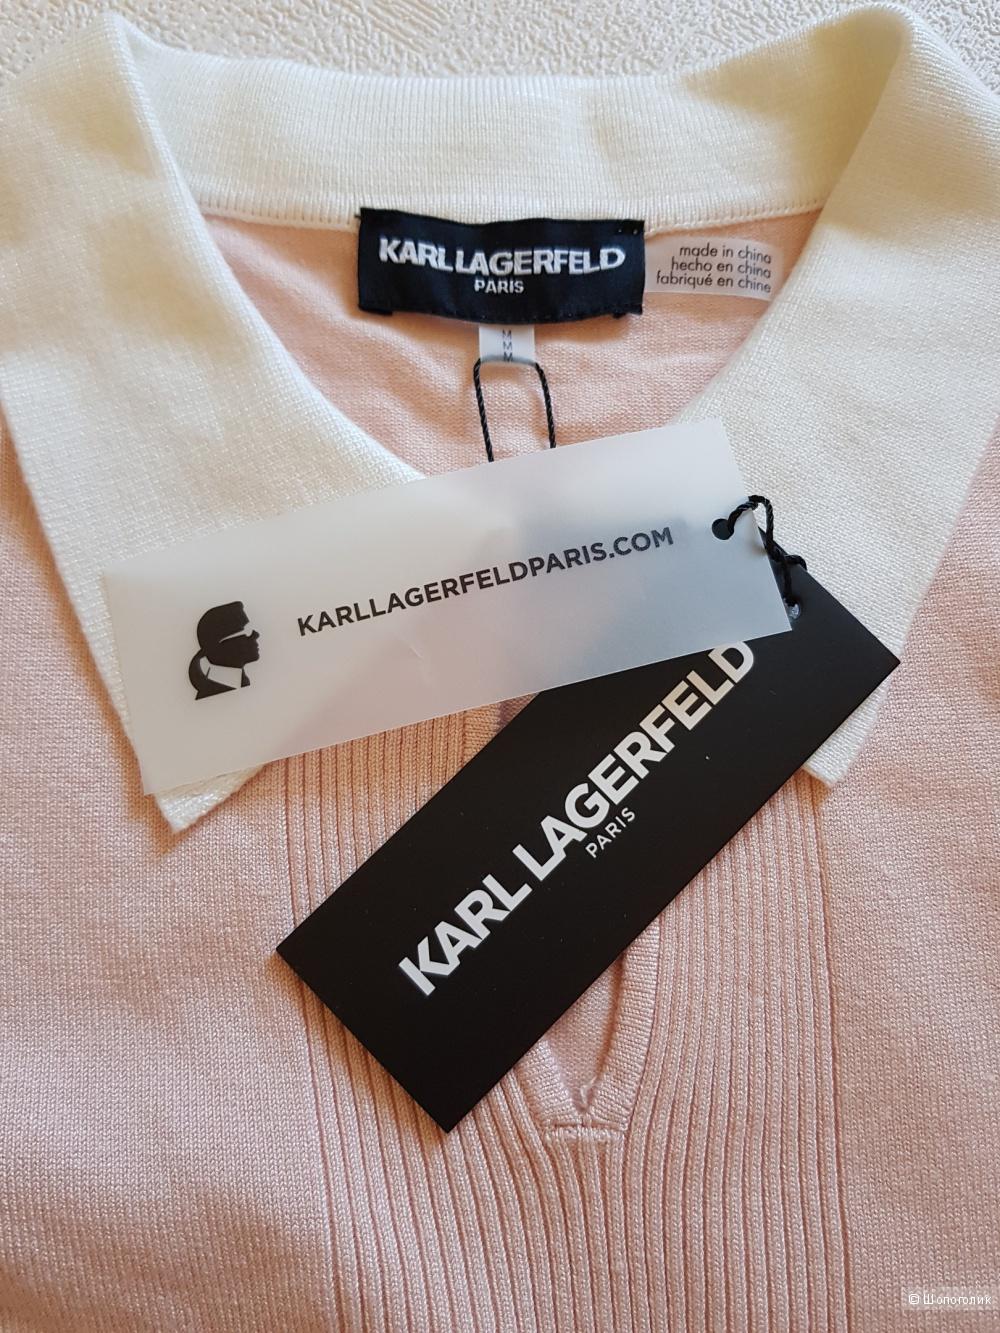 Джемпер Karl Lagerfeld Paris. Размер М